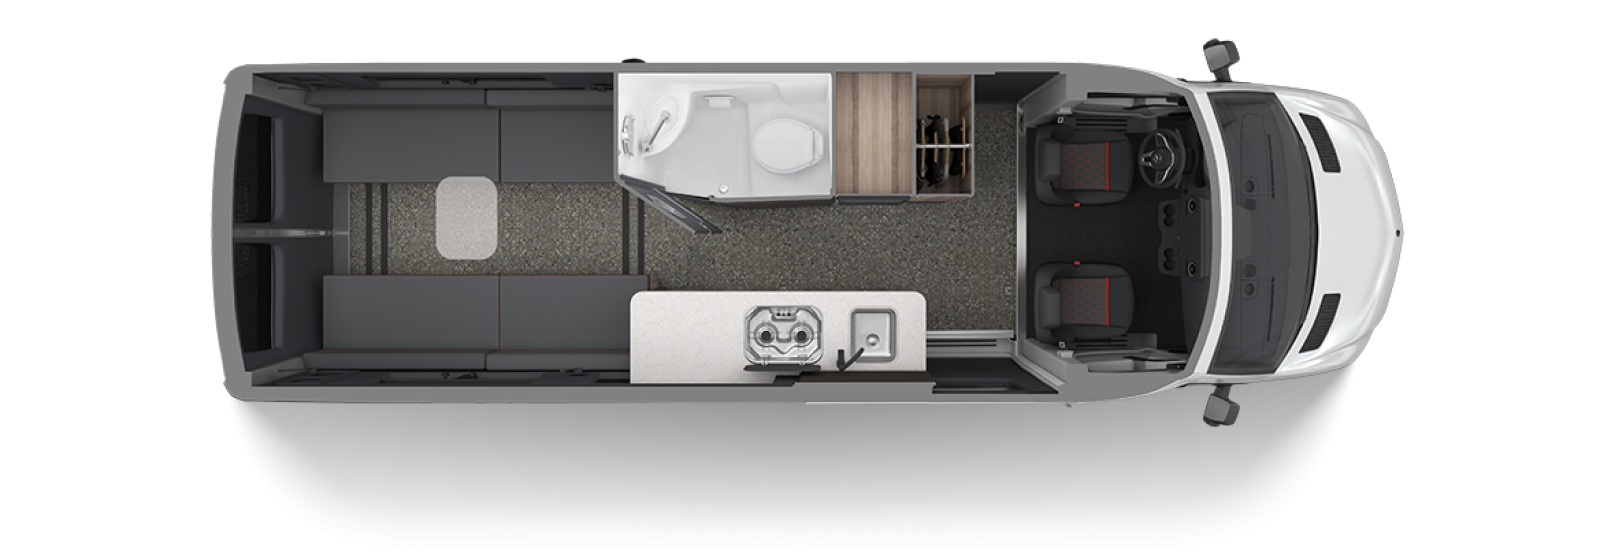 Airstream-Interstate-24X-Floor-Plan